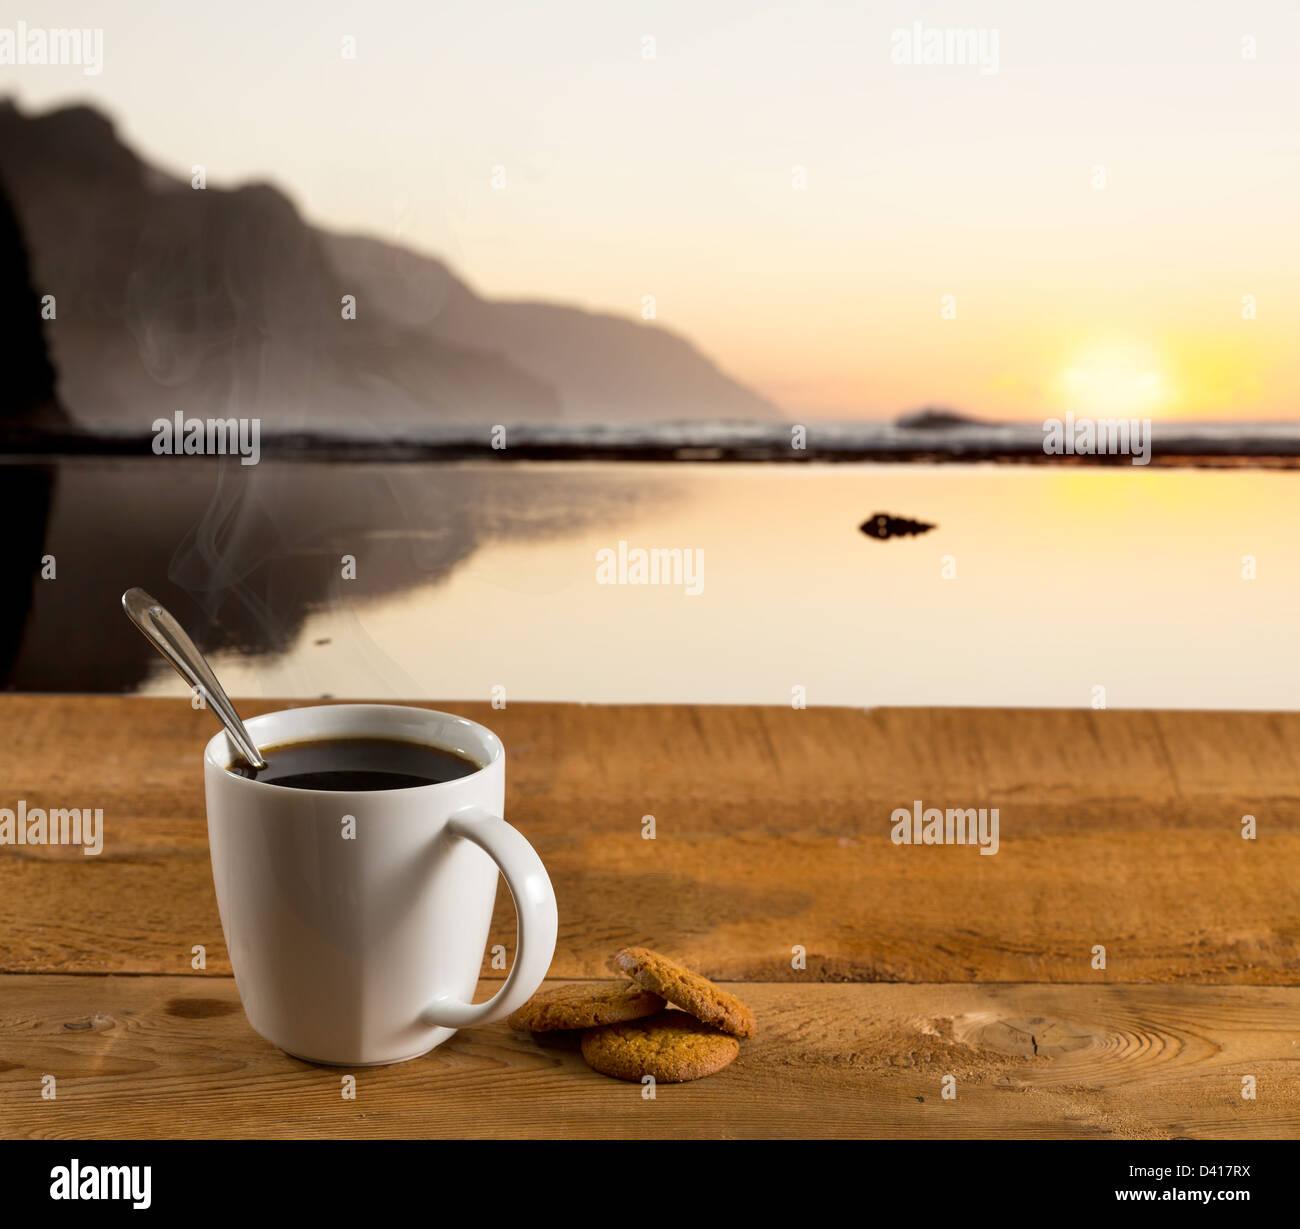 Tasse de café sur une table au coucher et au lever du soleil donnant sur une vue magnifique sur le paysage Photo Stock